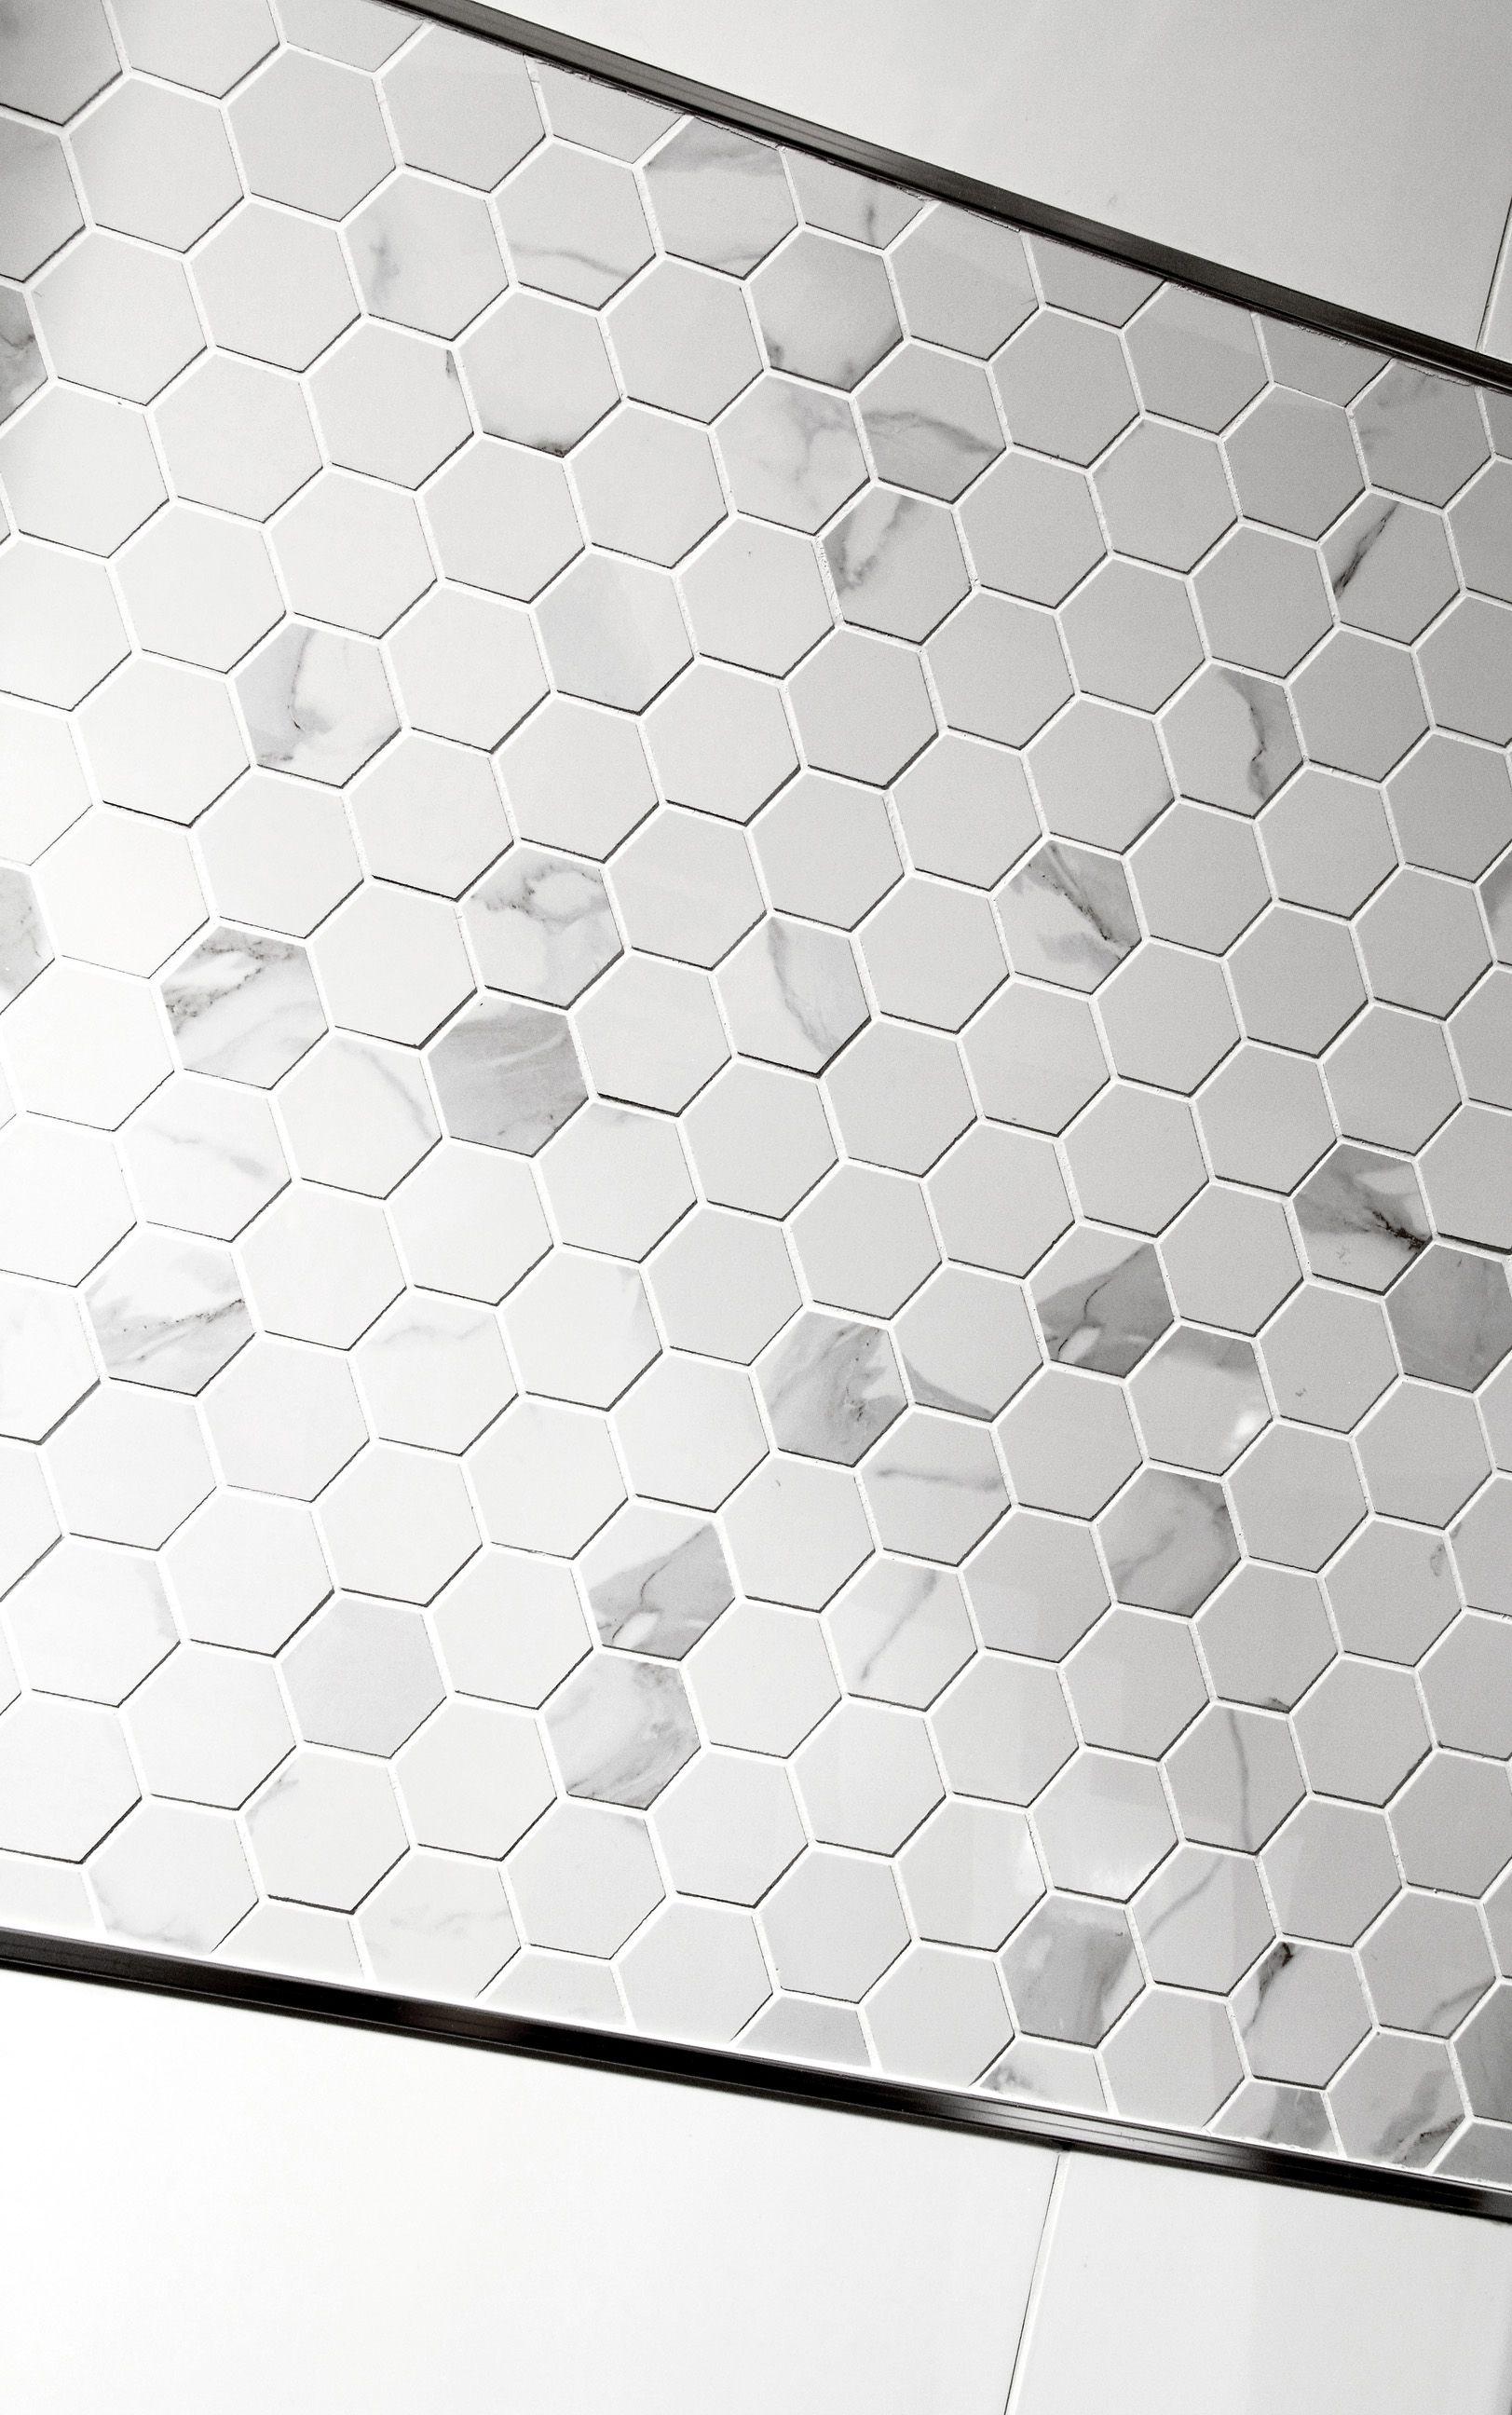 Inter Domus Bianco Malla Hexagon, Arkin Koko 30*30   Kaakelikeskus  #kylpyhuone #